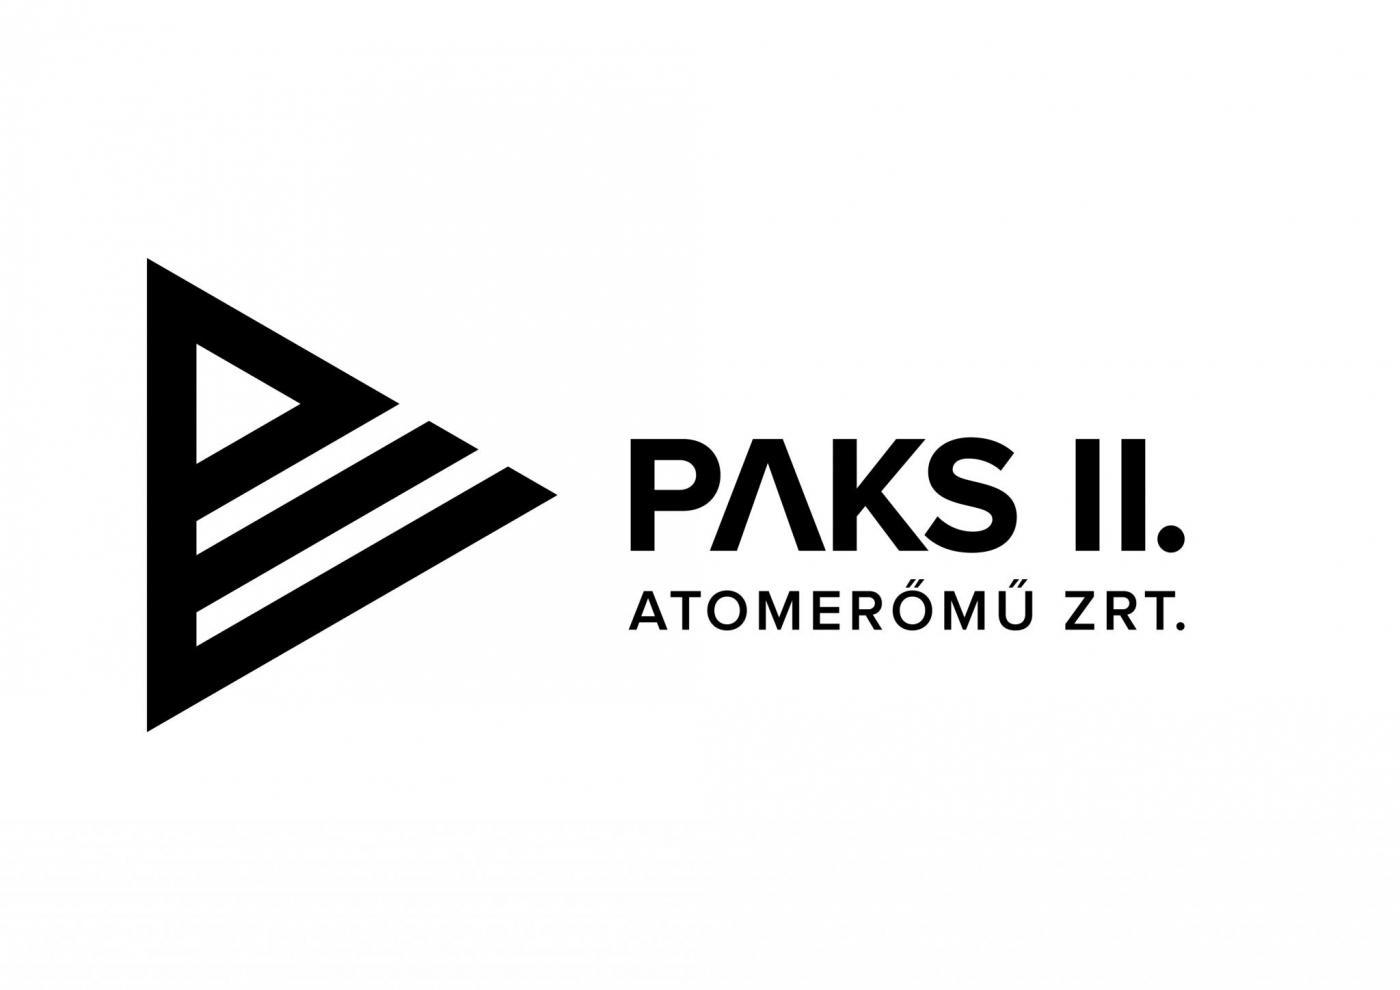 Paks_II_LOGO_fekvo_hun_v01-01_fekete-fehér.jpg (47 KB)